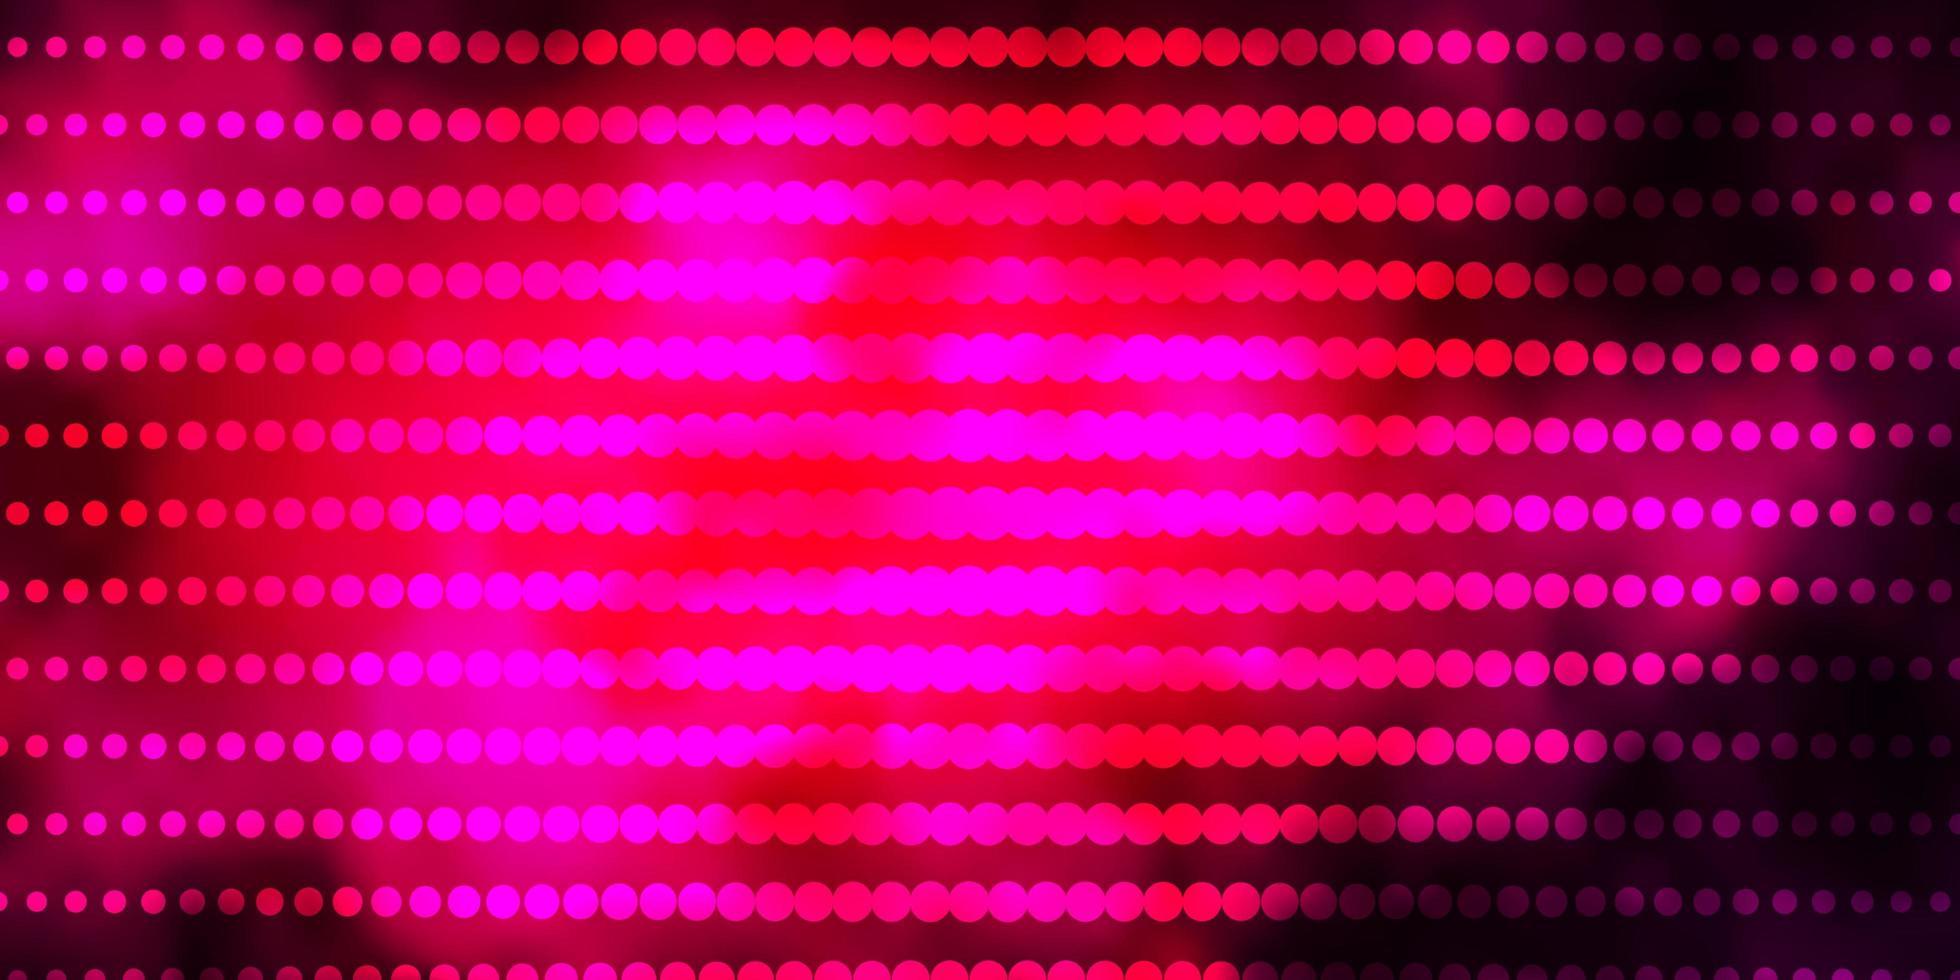 donkerroze vector achtergrond met cirkels.